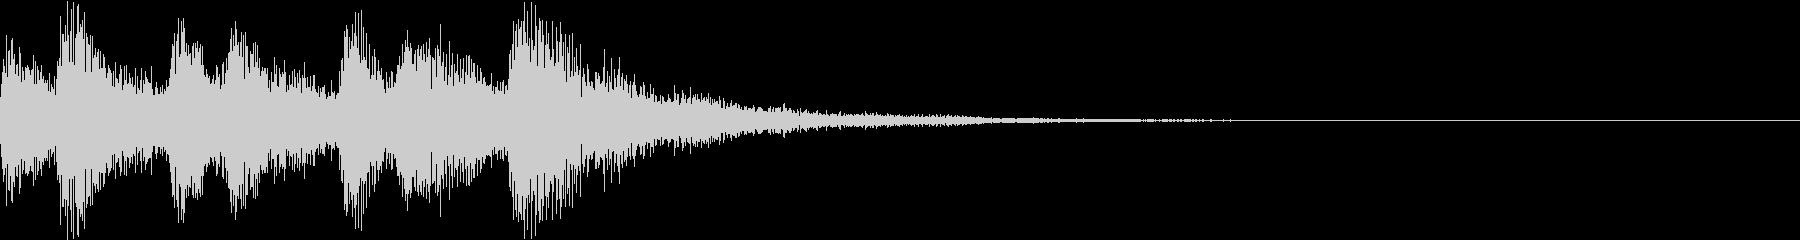 ショート ファンファーレ ベル ブラスAの未再生の波形